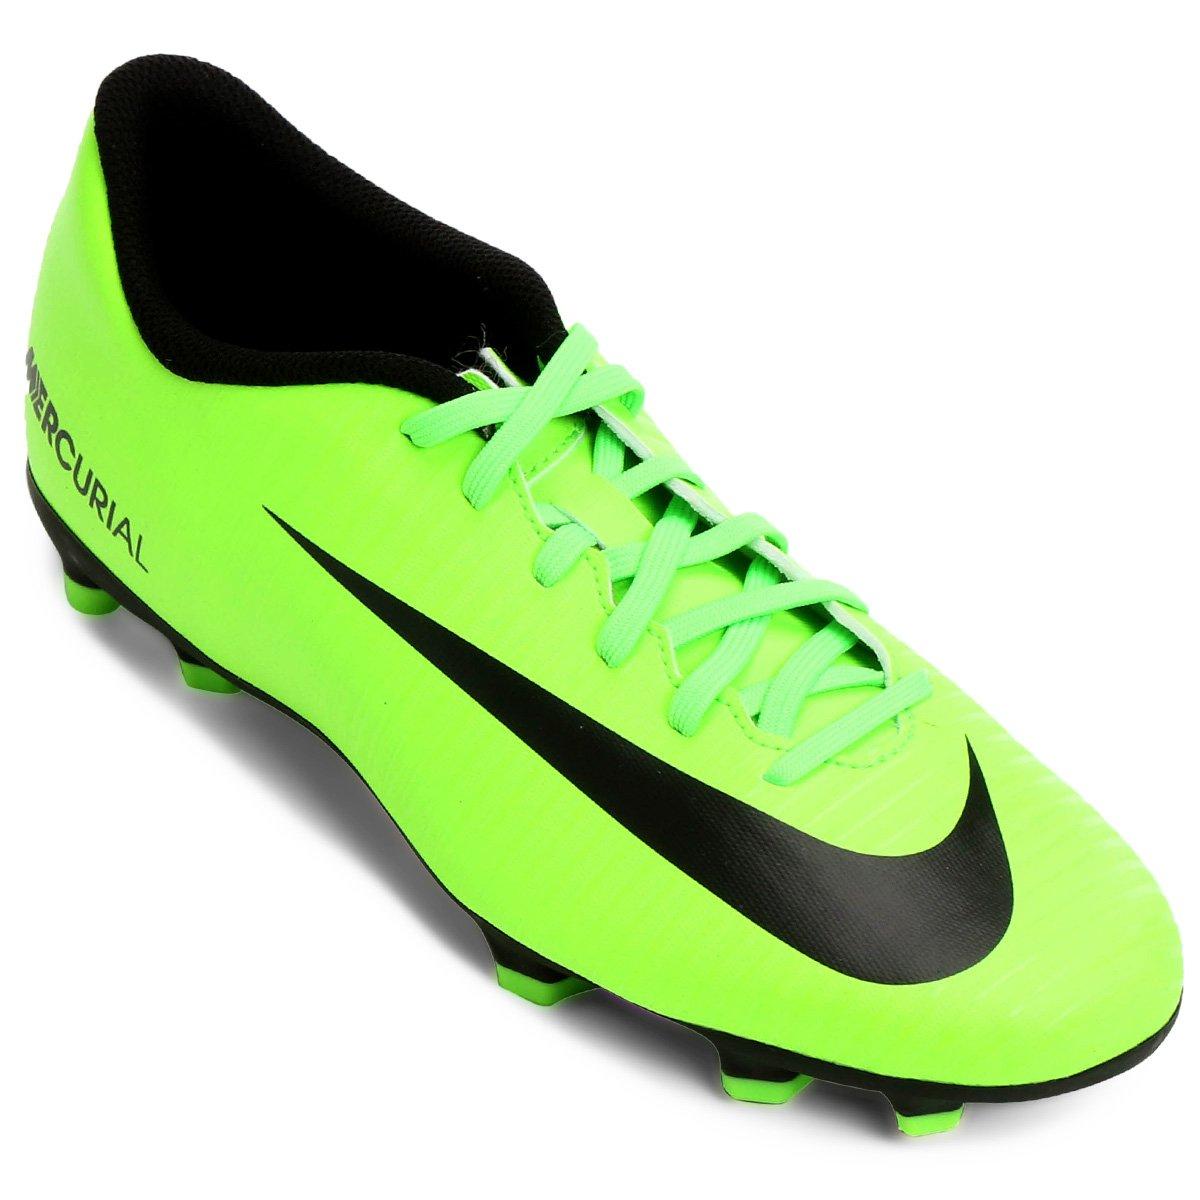 408df93f54 Chuteira Campo Nike Mercurial Vortex 3 FG Masculina - Compre Agora ...